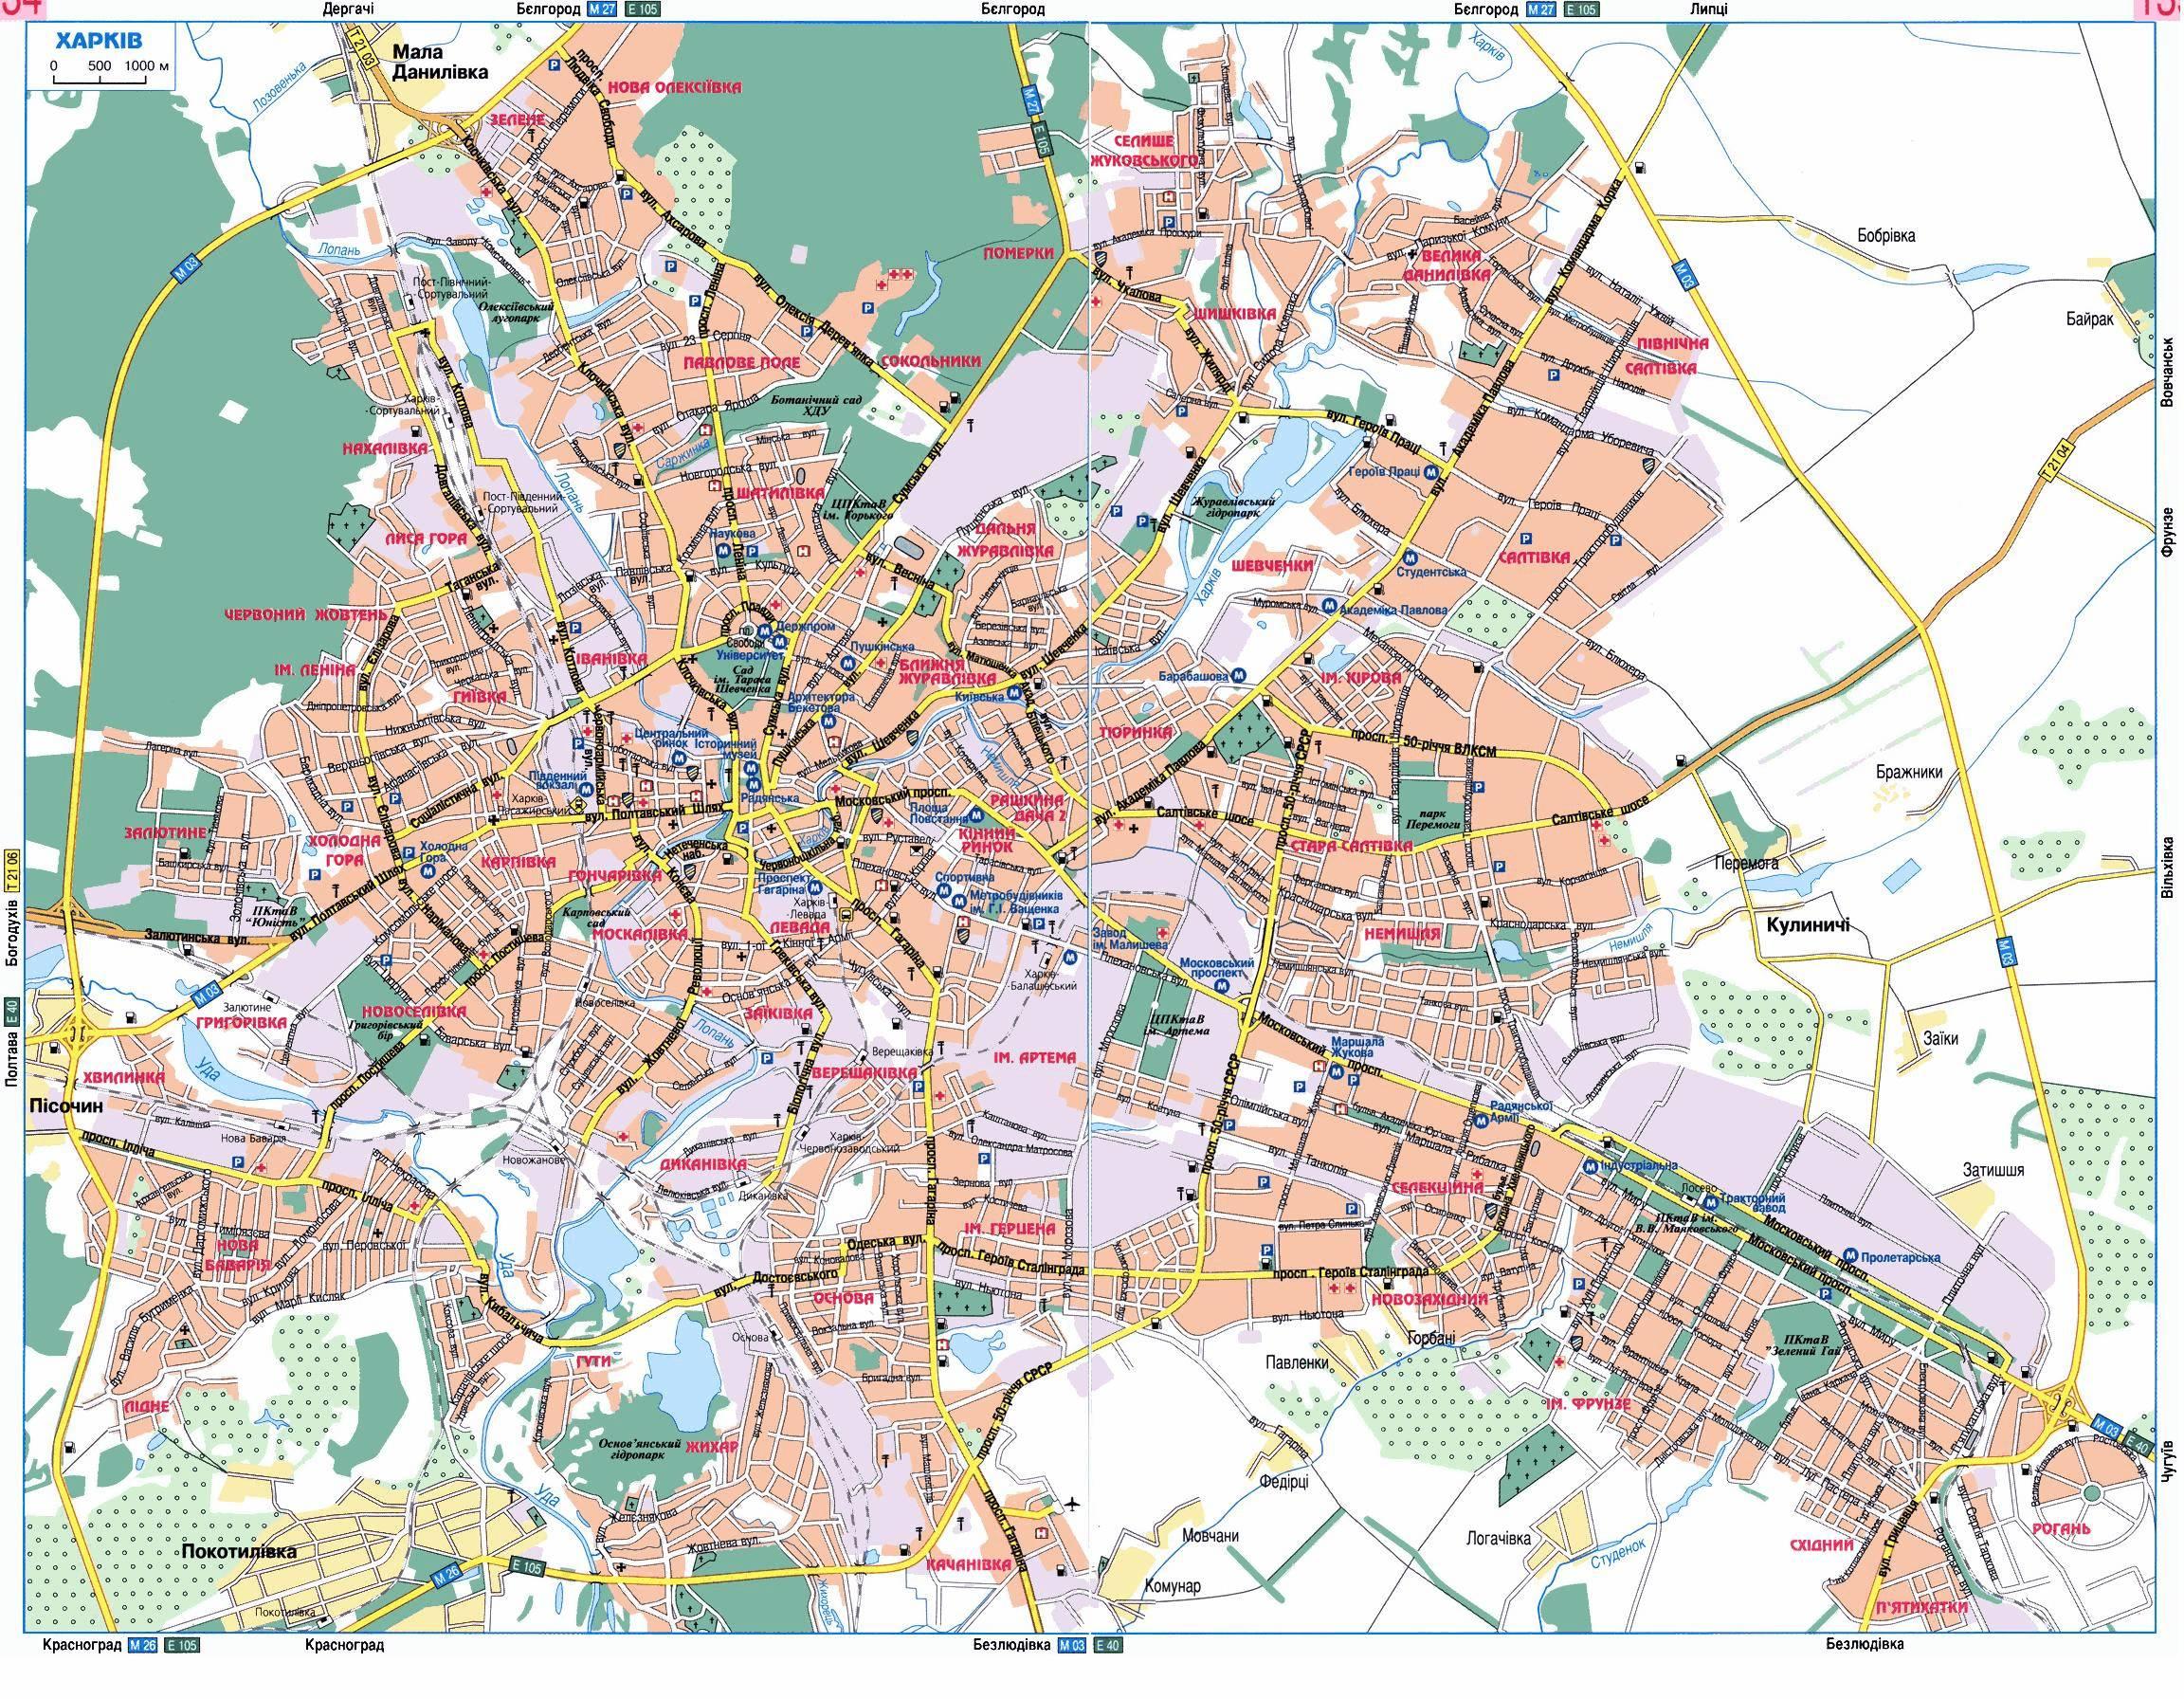 Харьков схема план города